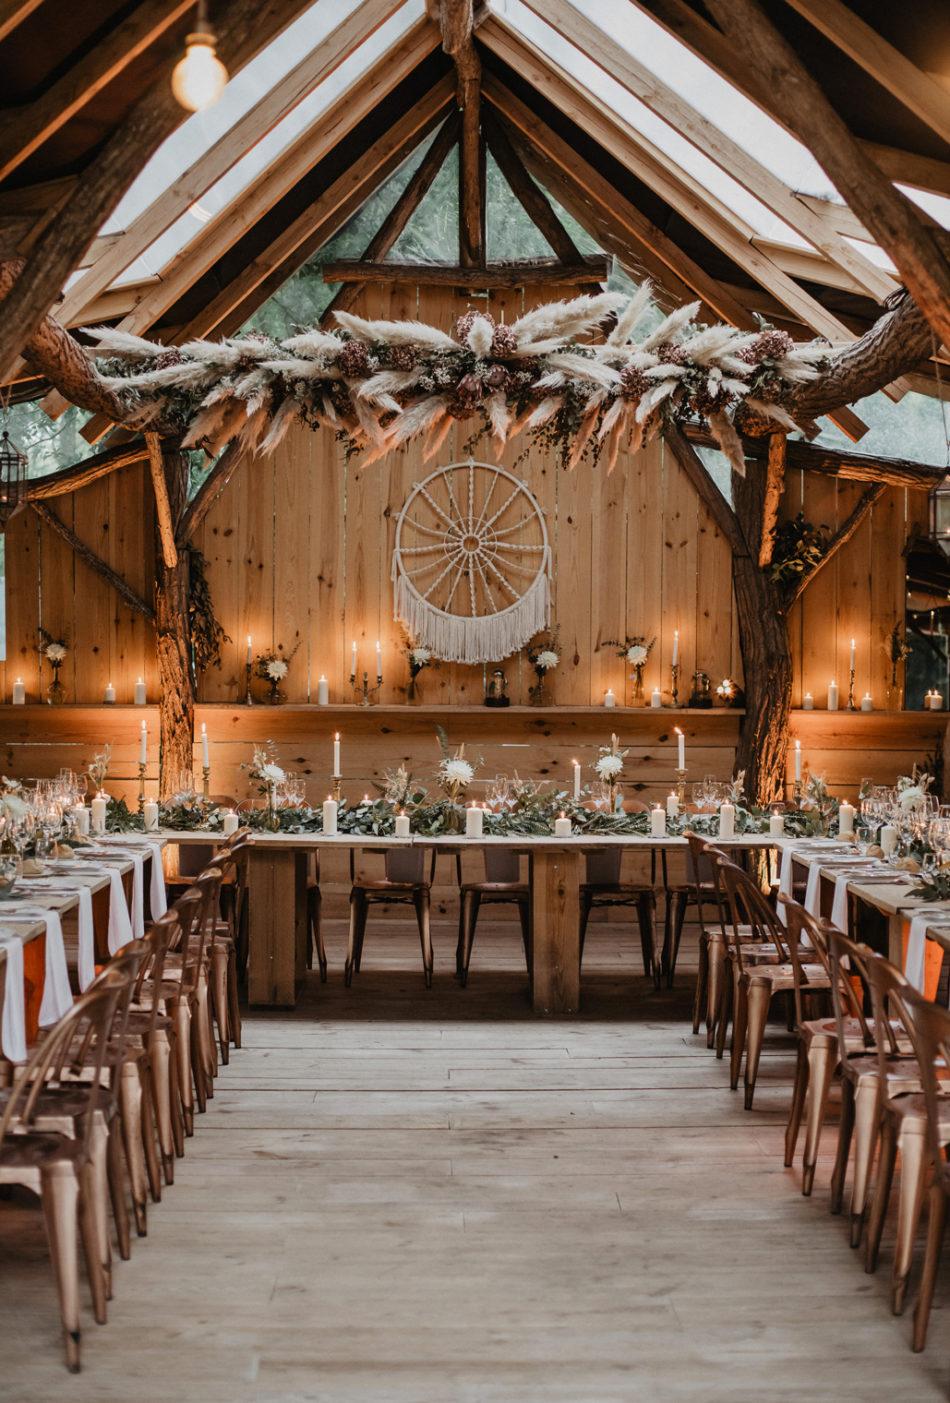 un mariage bohème au coco barn wood lodge a hossegor dans les landes